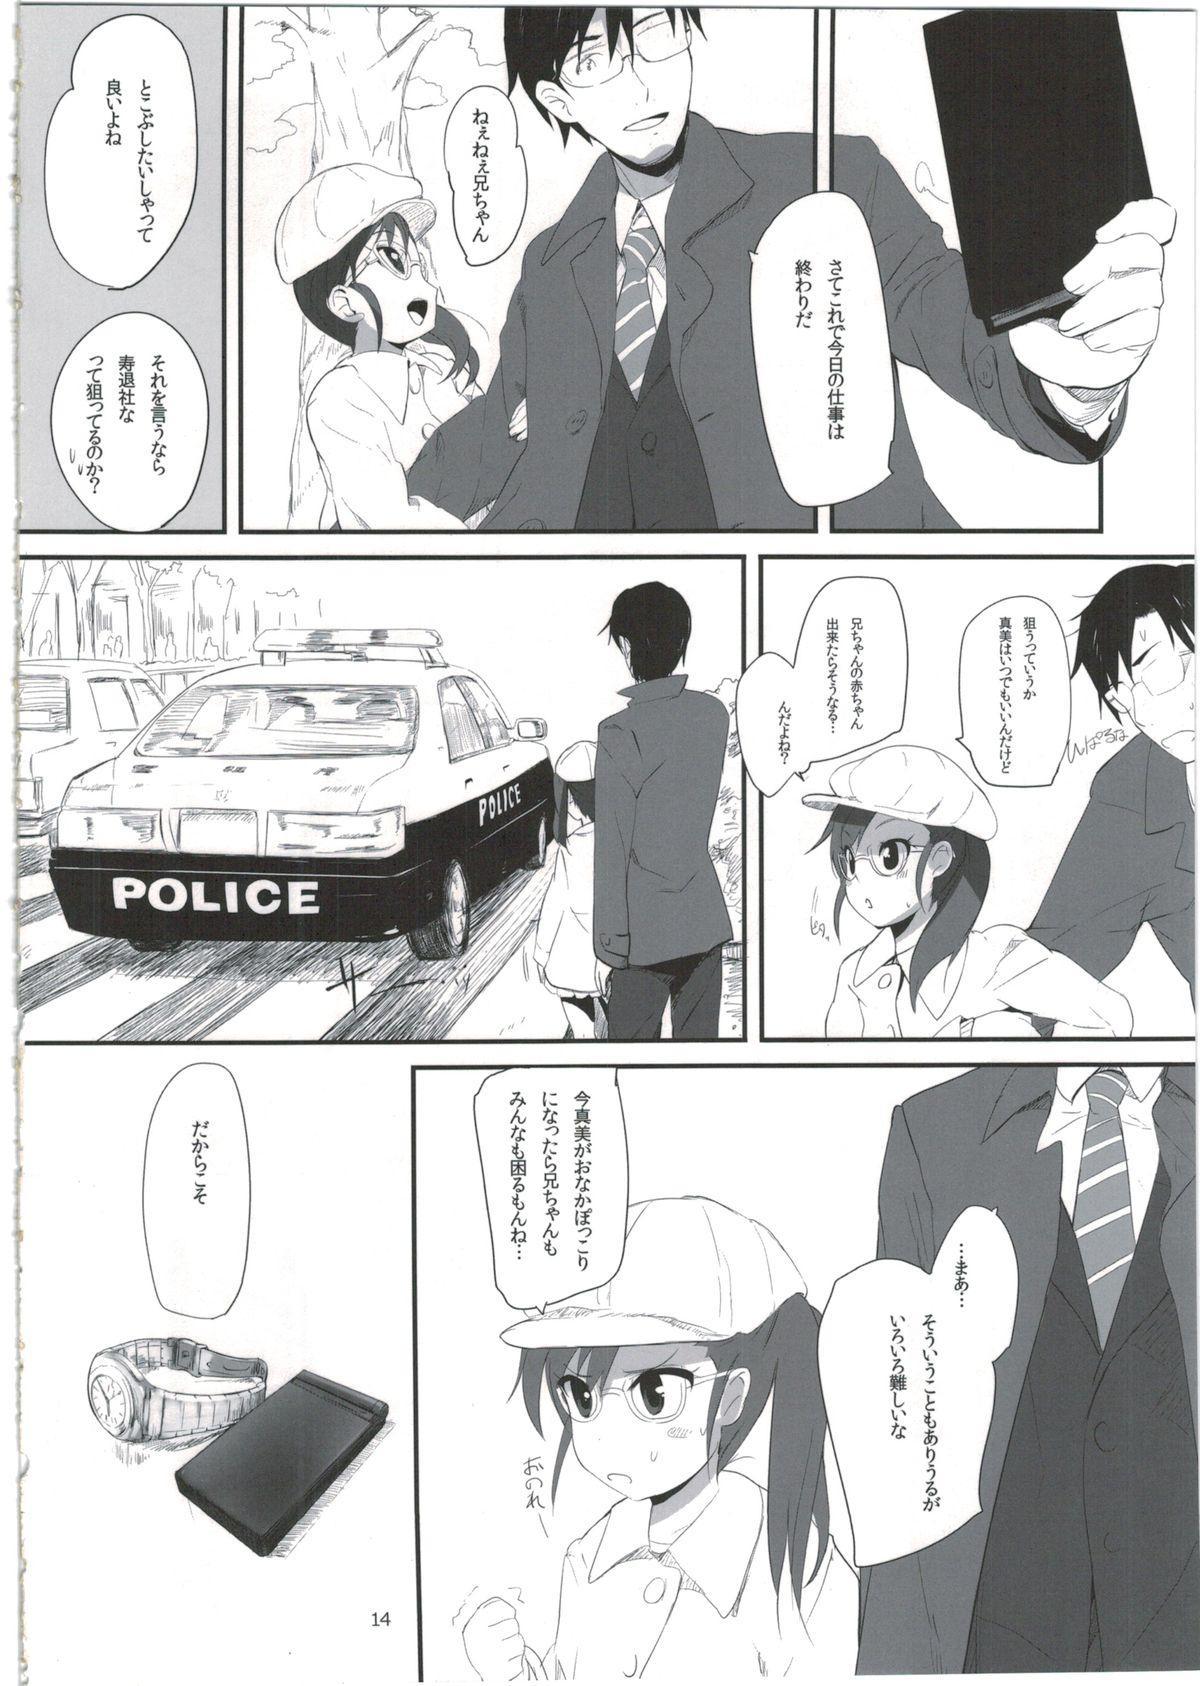 Mami_Kasumi_Oshiri Ecchi+ 13